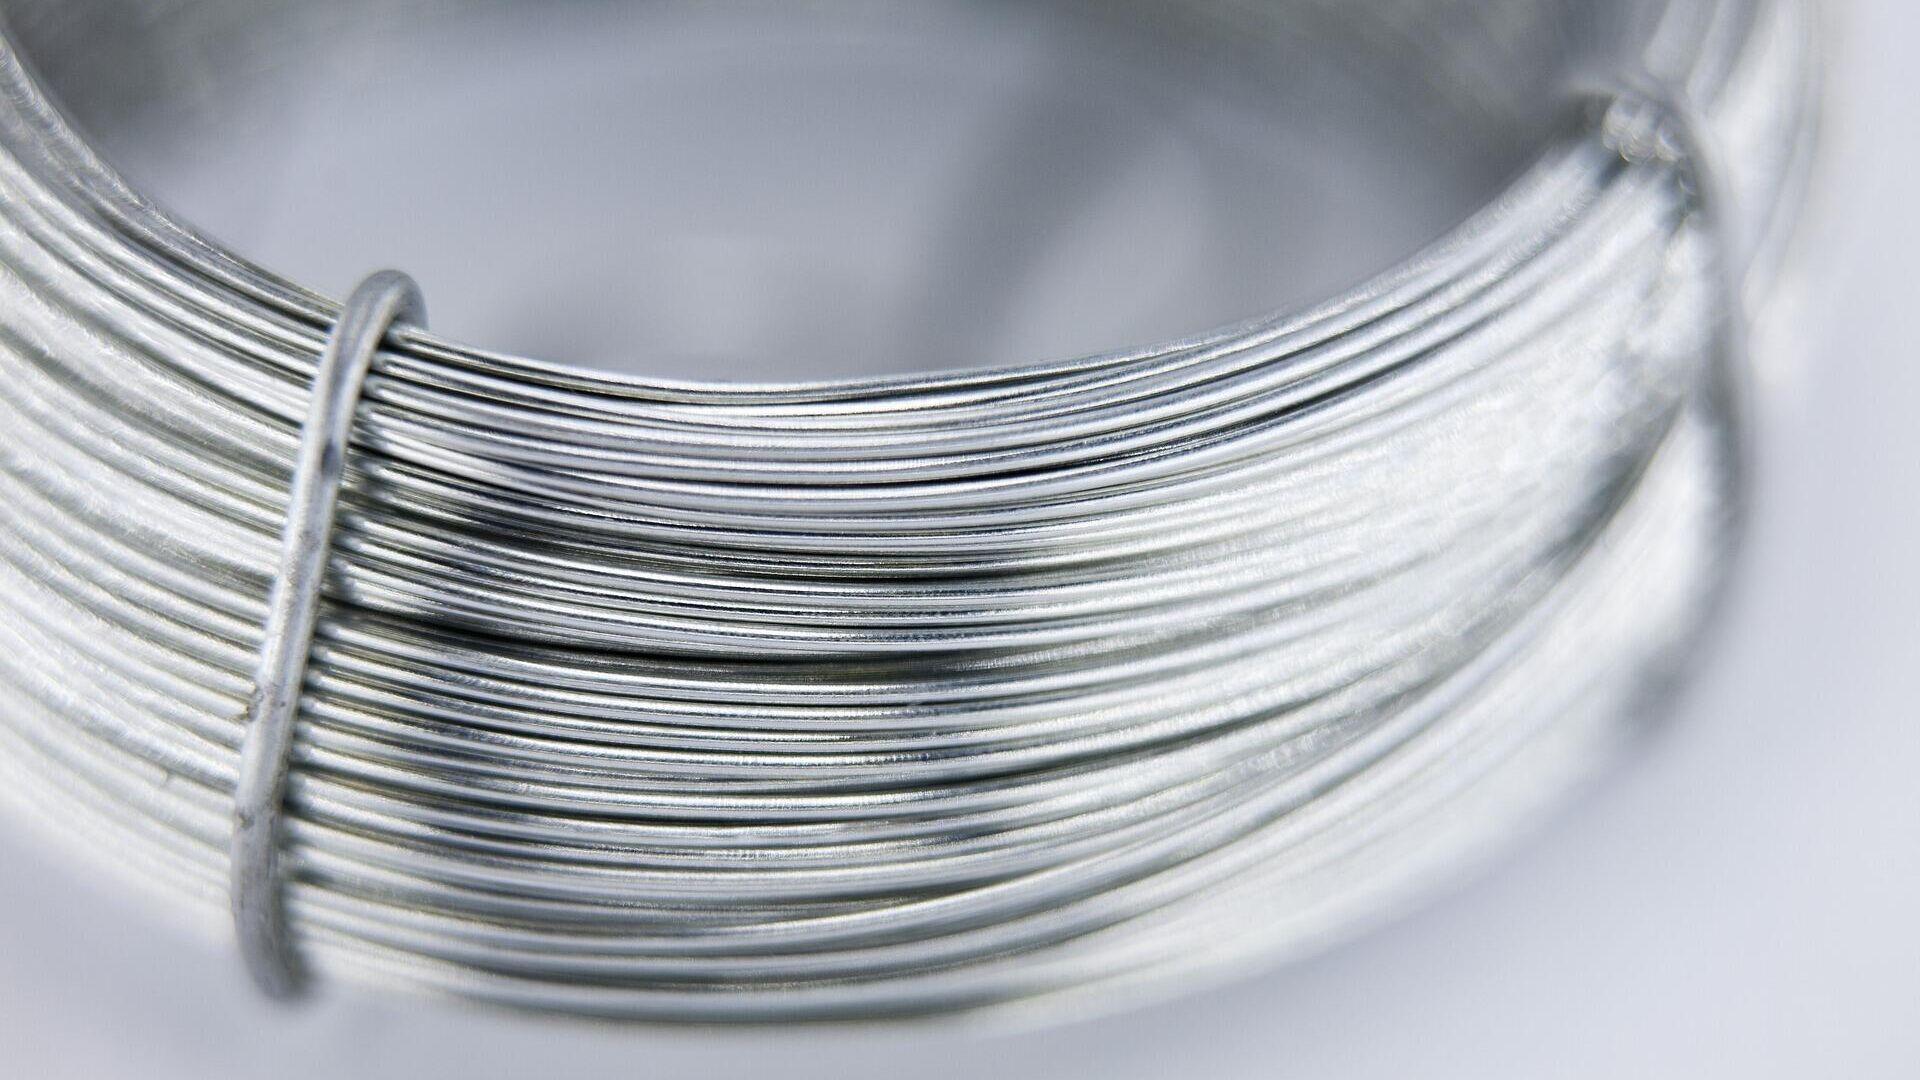 Cable de aluminio (referencial) - Sputnik Mundo, 1920, 11.10.2021